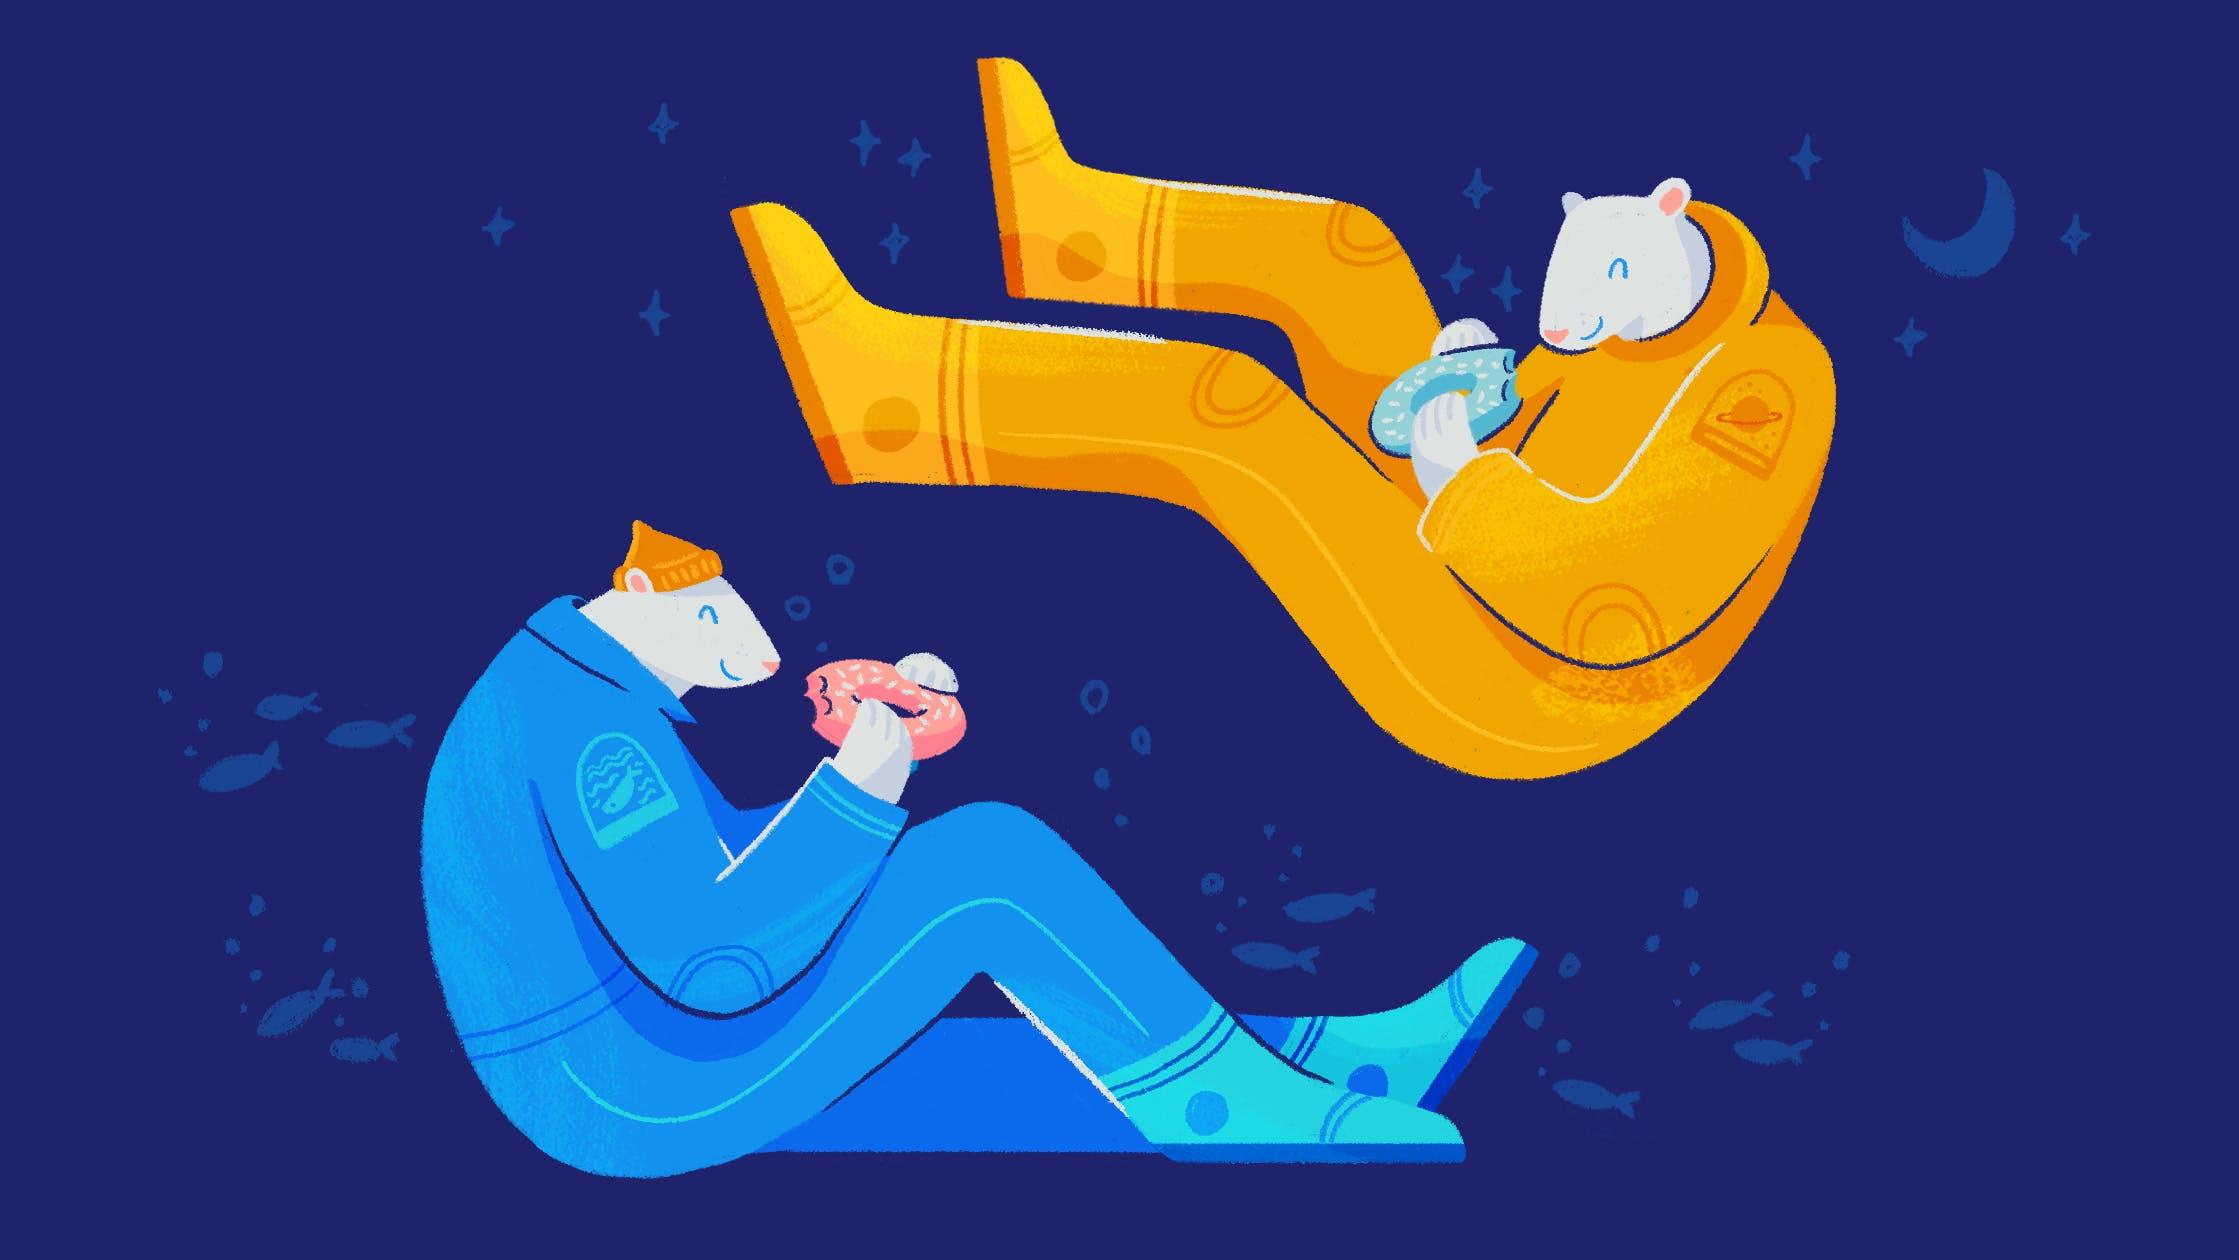 Illustration by Bronwyn Gruet